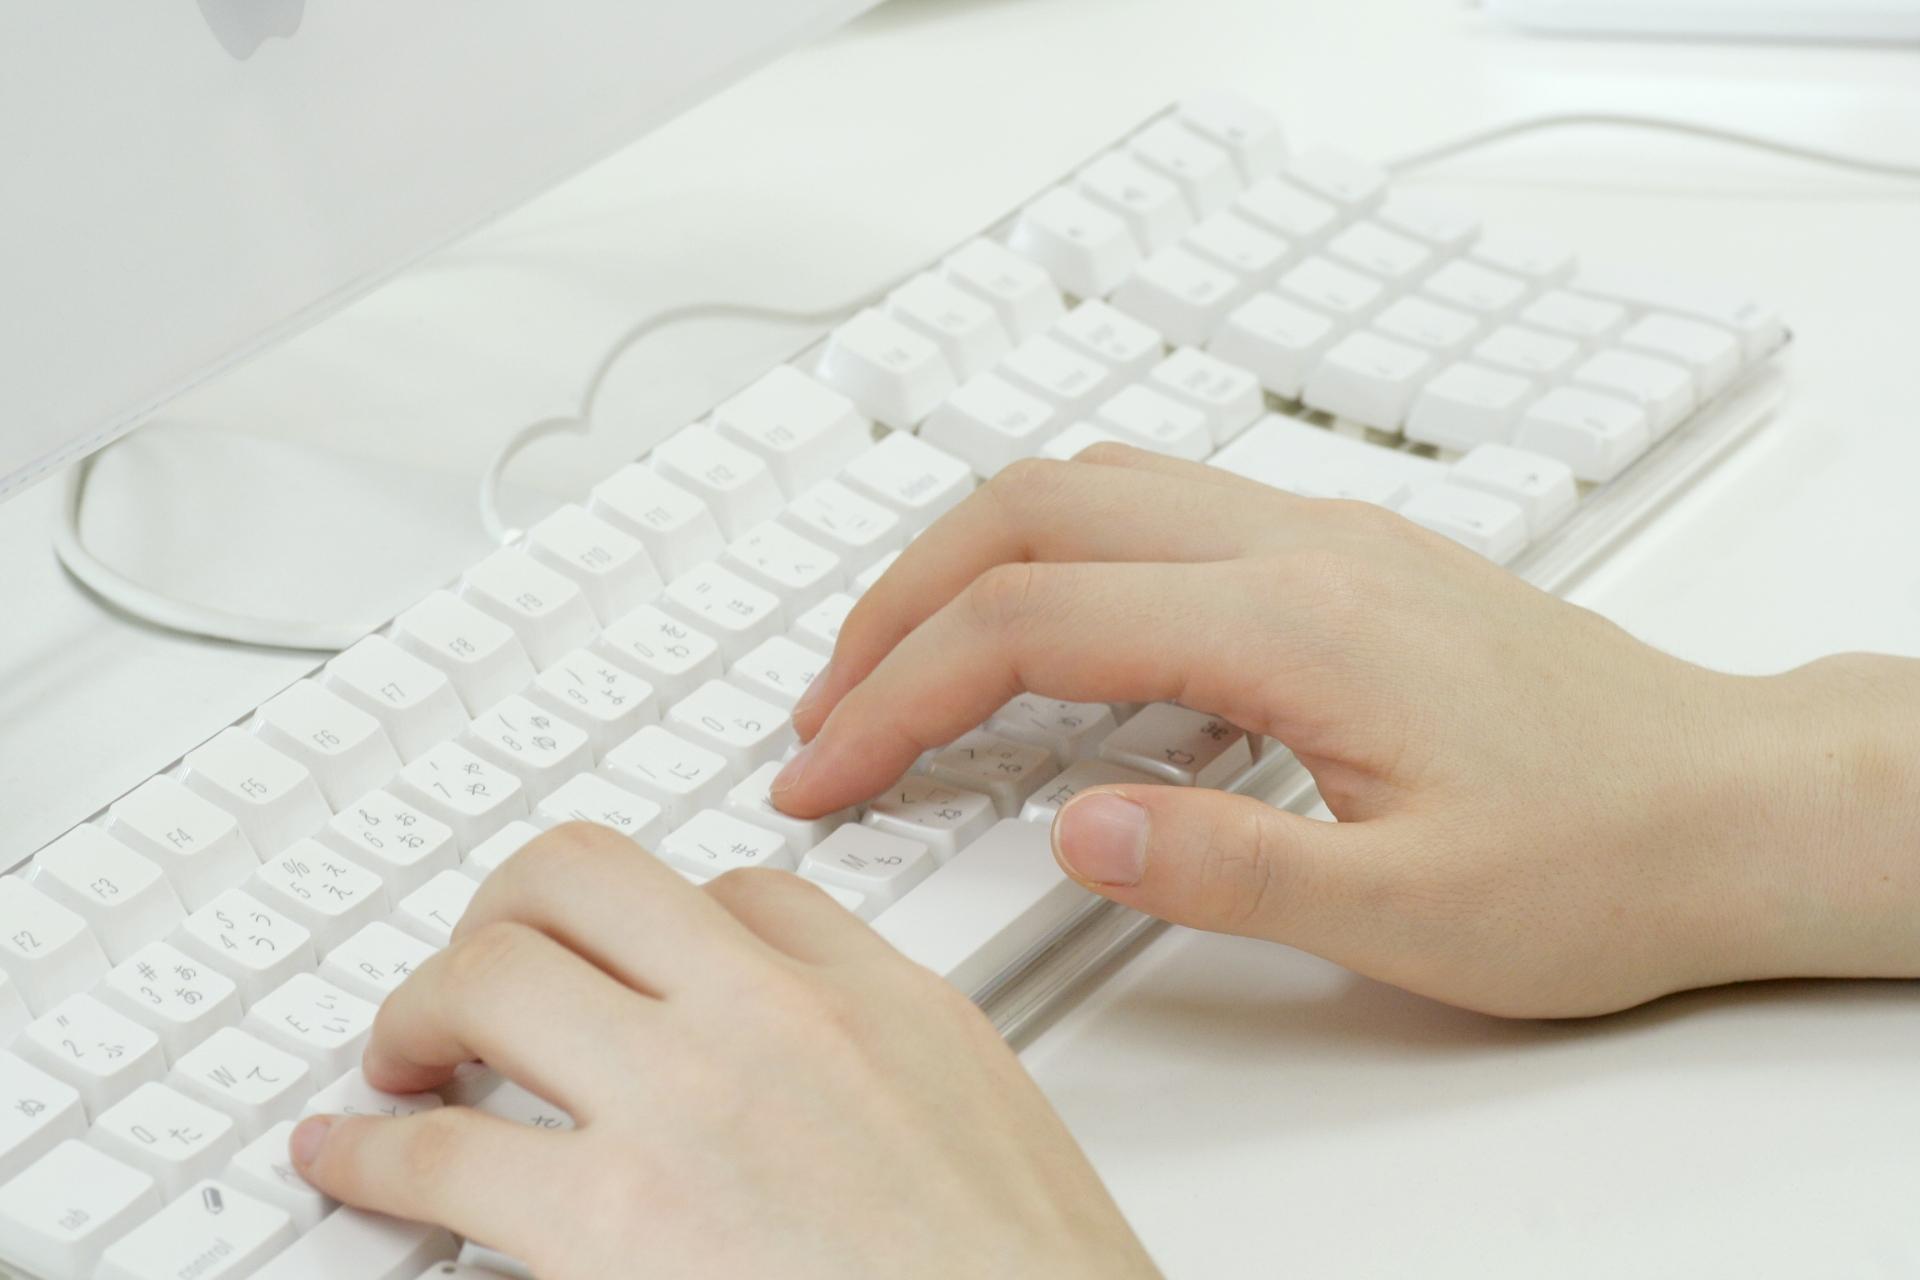 得意なパソコンをしている人